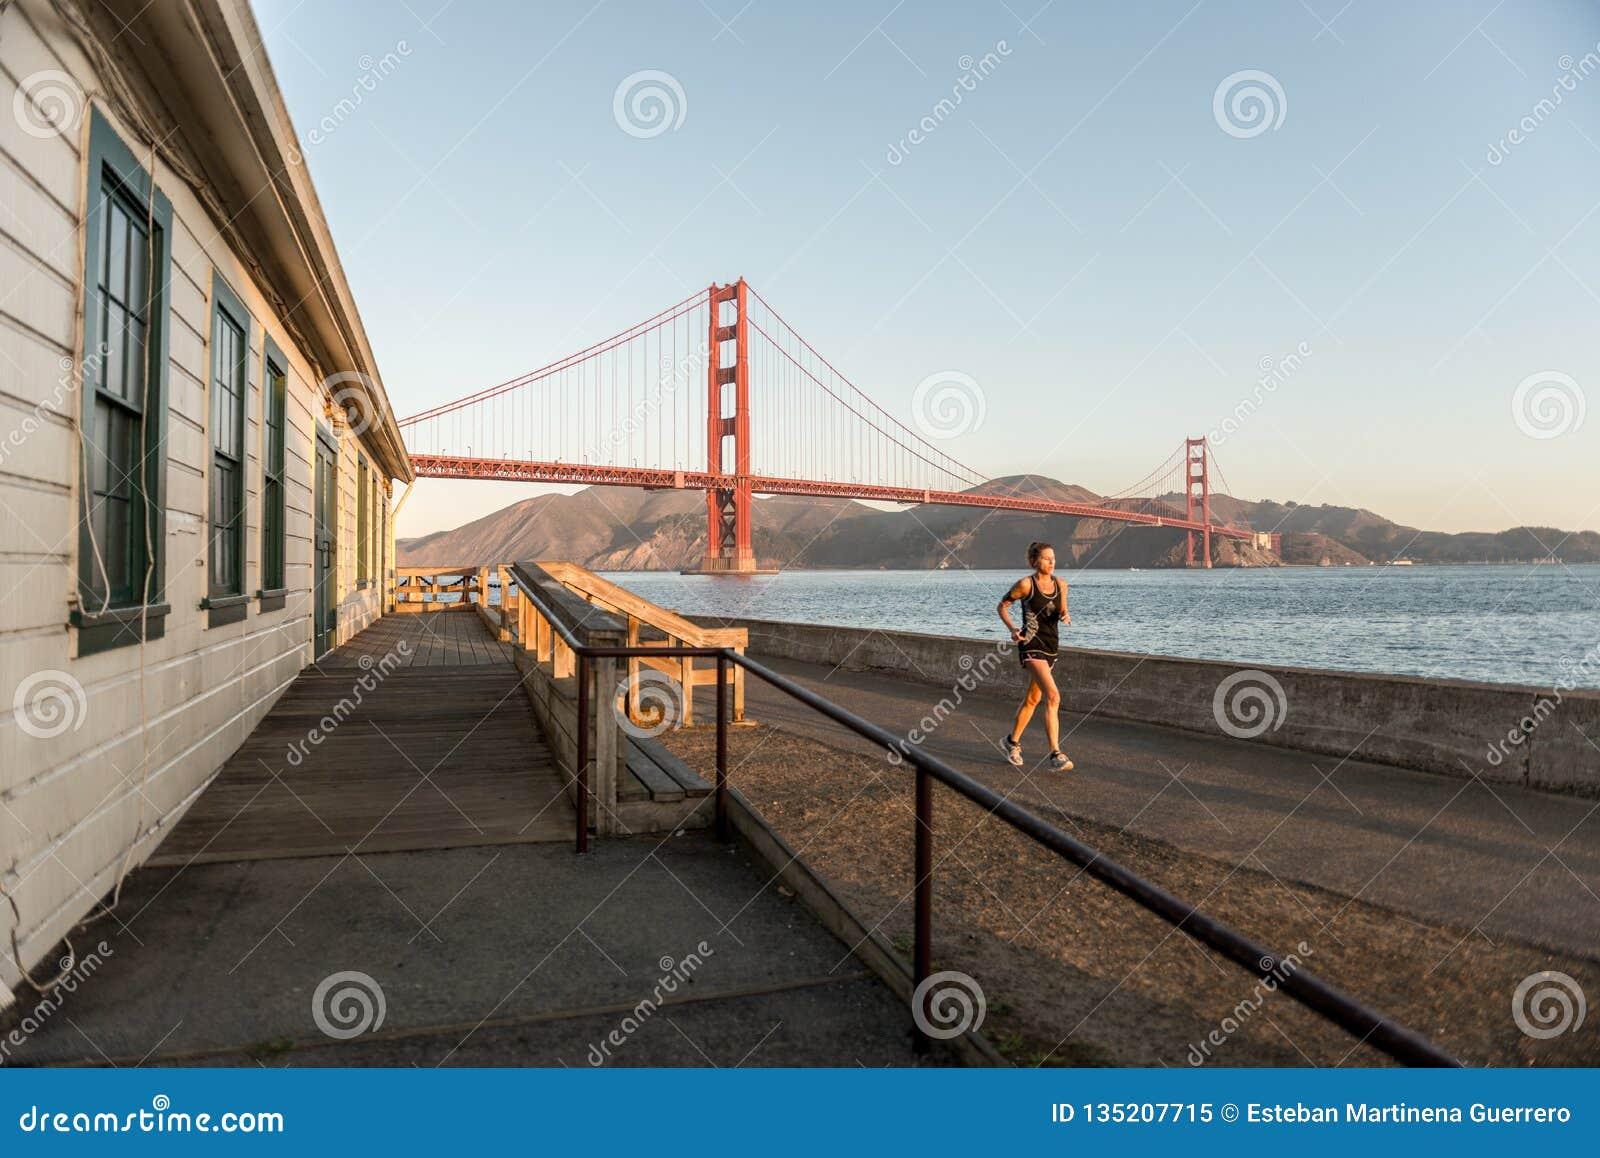 旧金山,美国- 2018年10月12日:在堡垒点附近的妇女赛跑与金门大桥在背景中